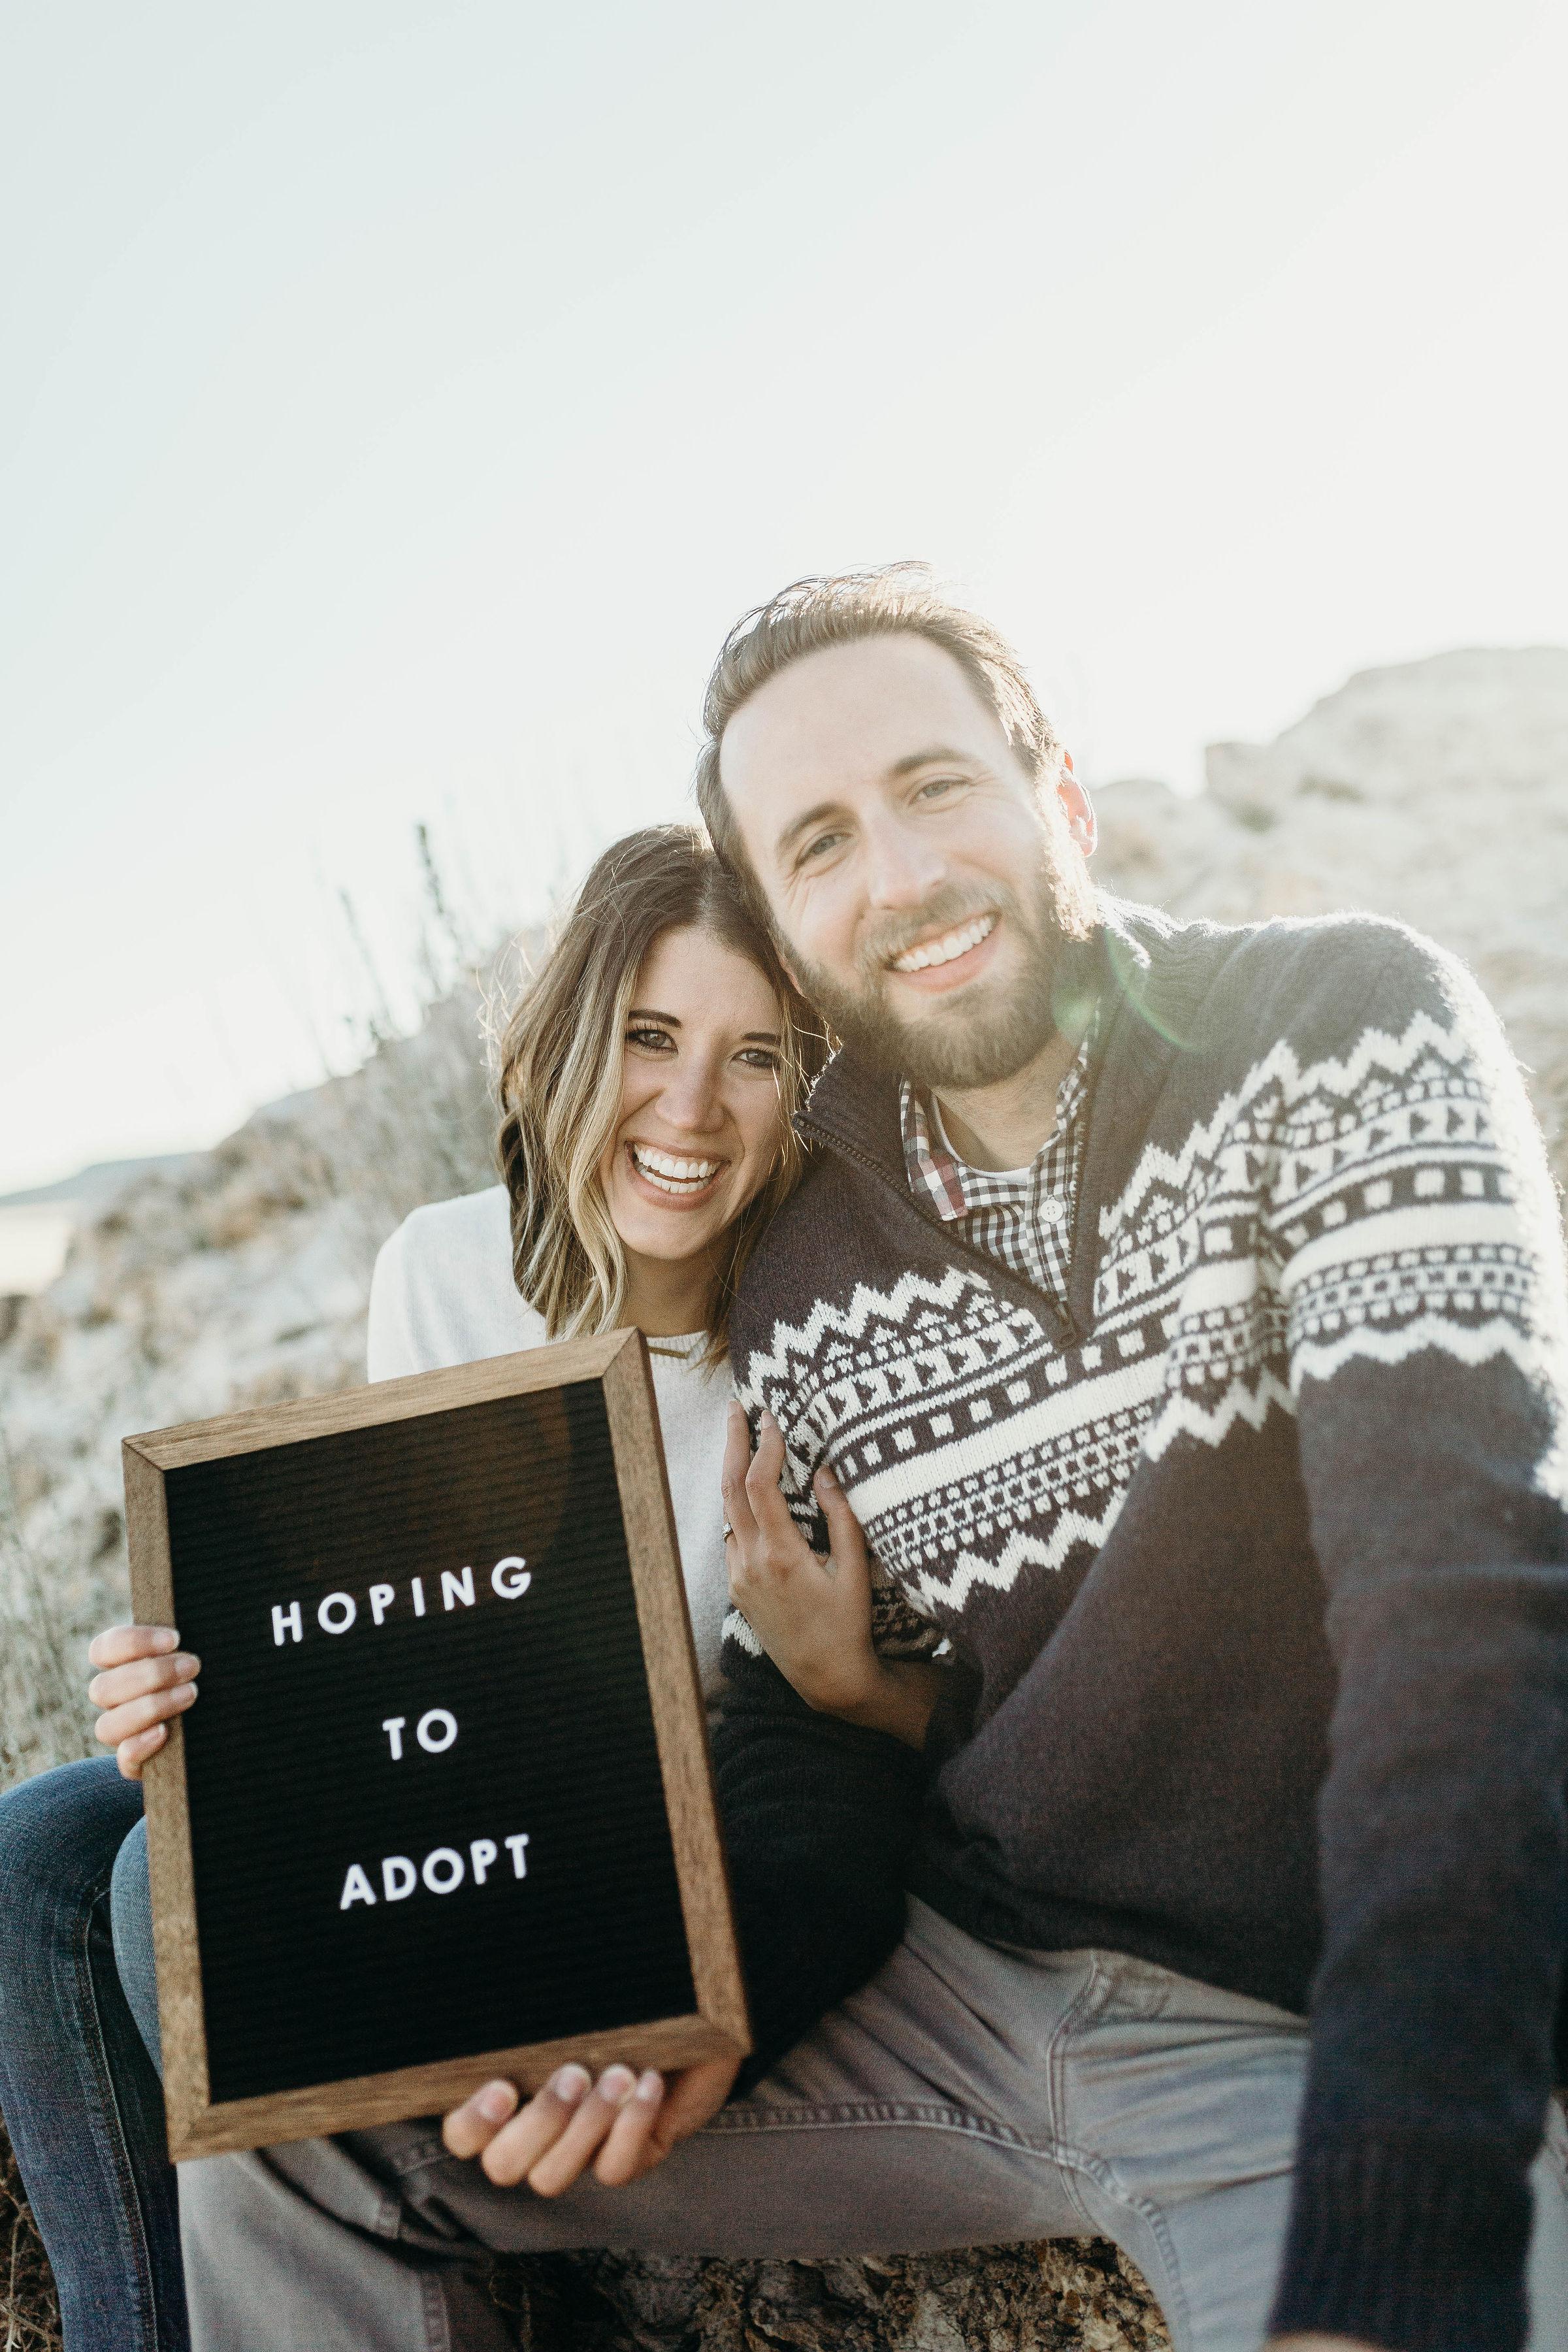 Beckstrand Hoping to Adopt